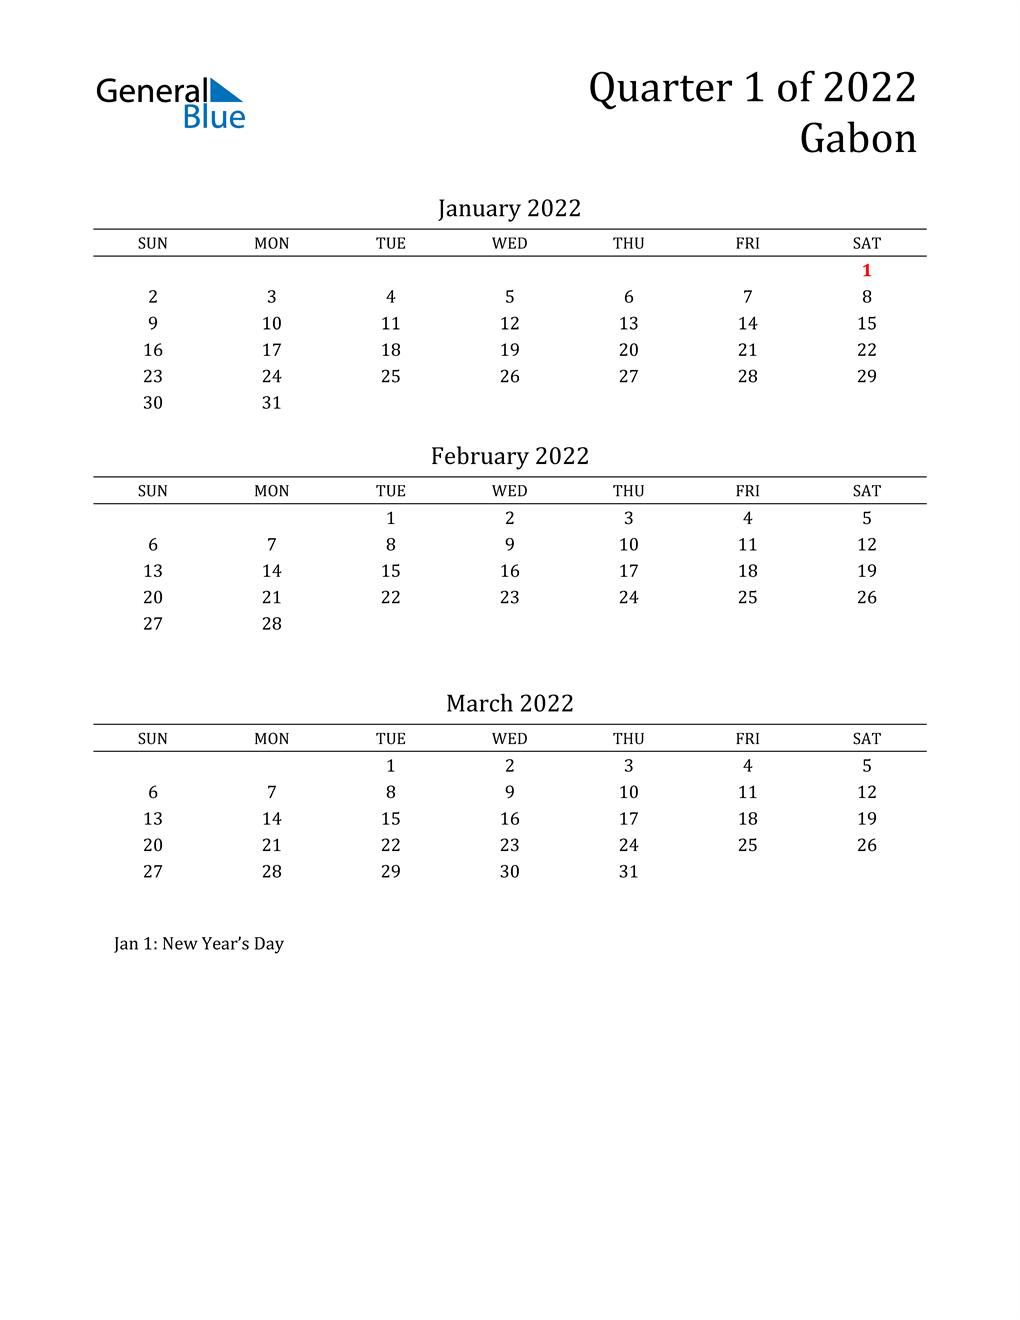 2022 Gabon Quarterly Calendar